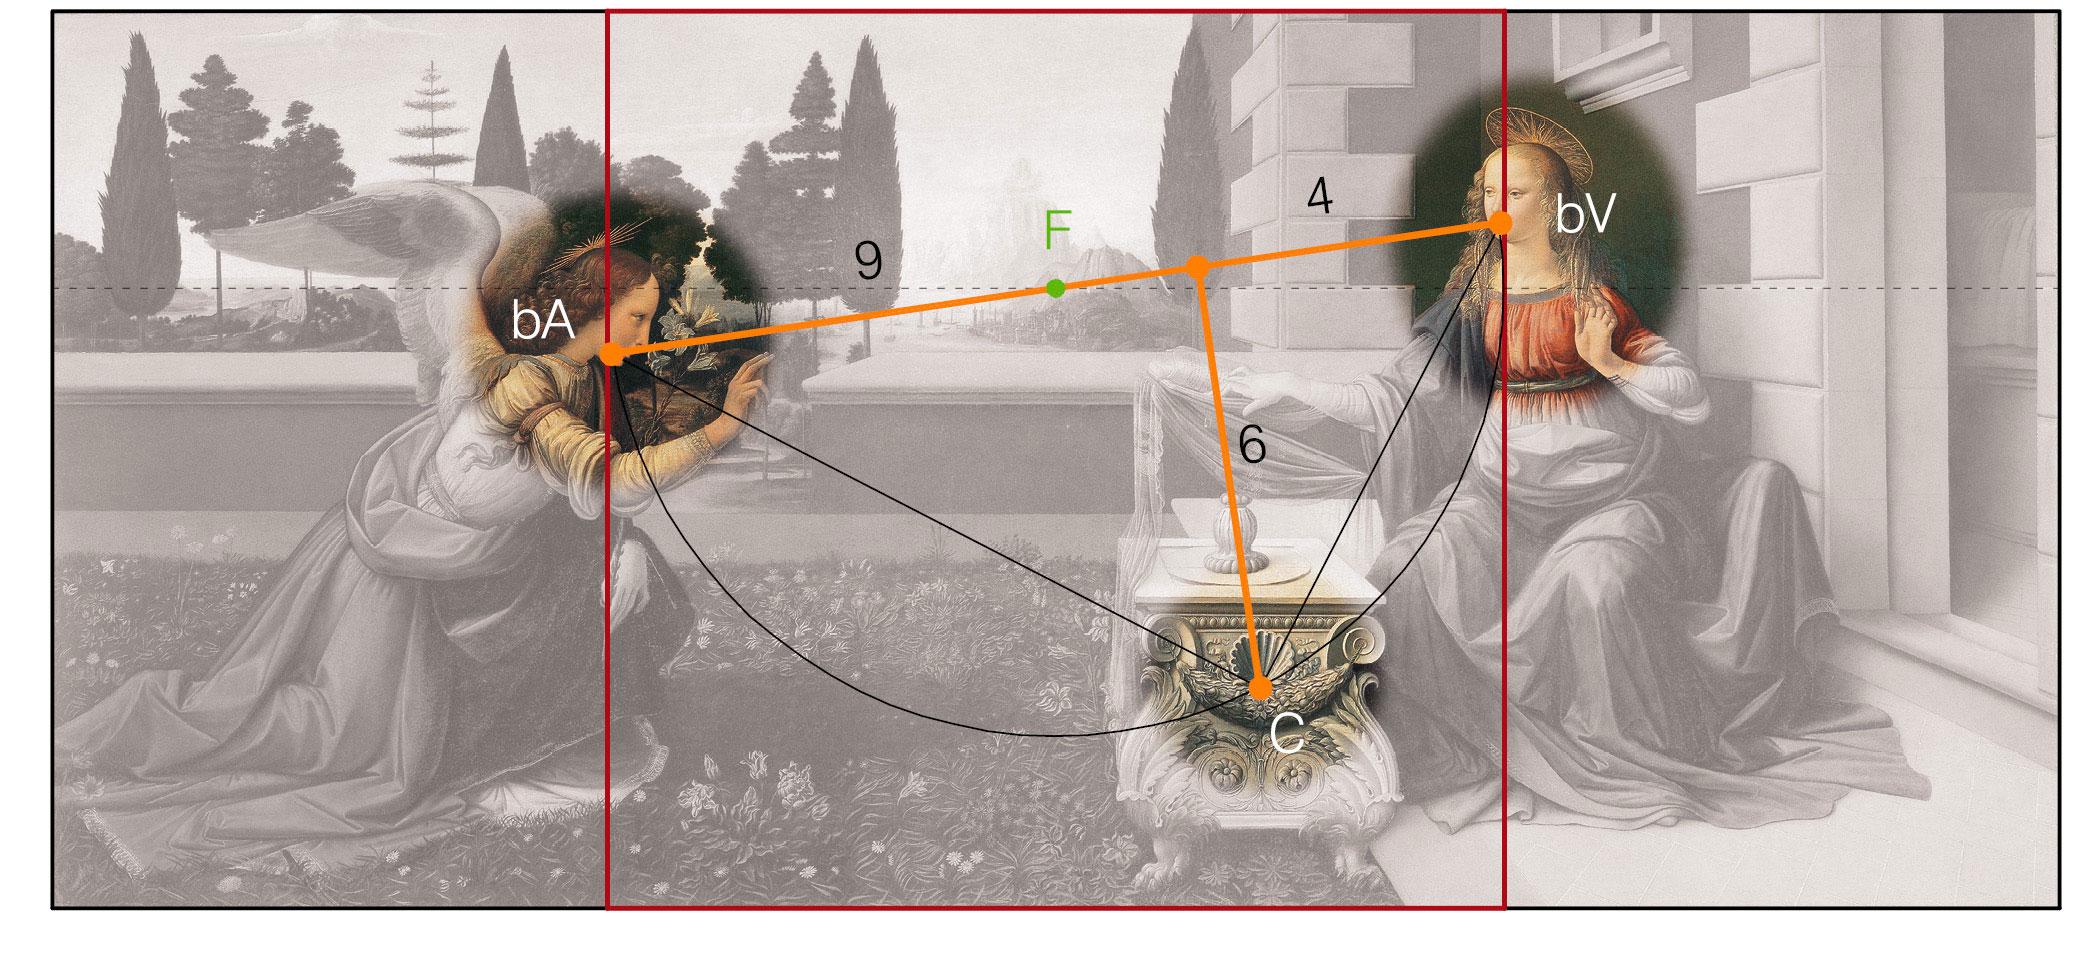 La semicirconferenza con centro nel punto di fuga, passa per le bocche dei personaggi e per la conchiglia sul fianco del portaleggio